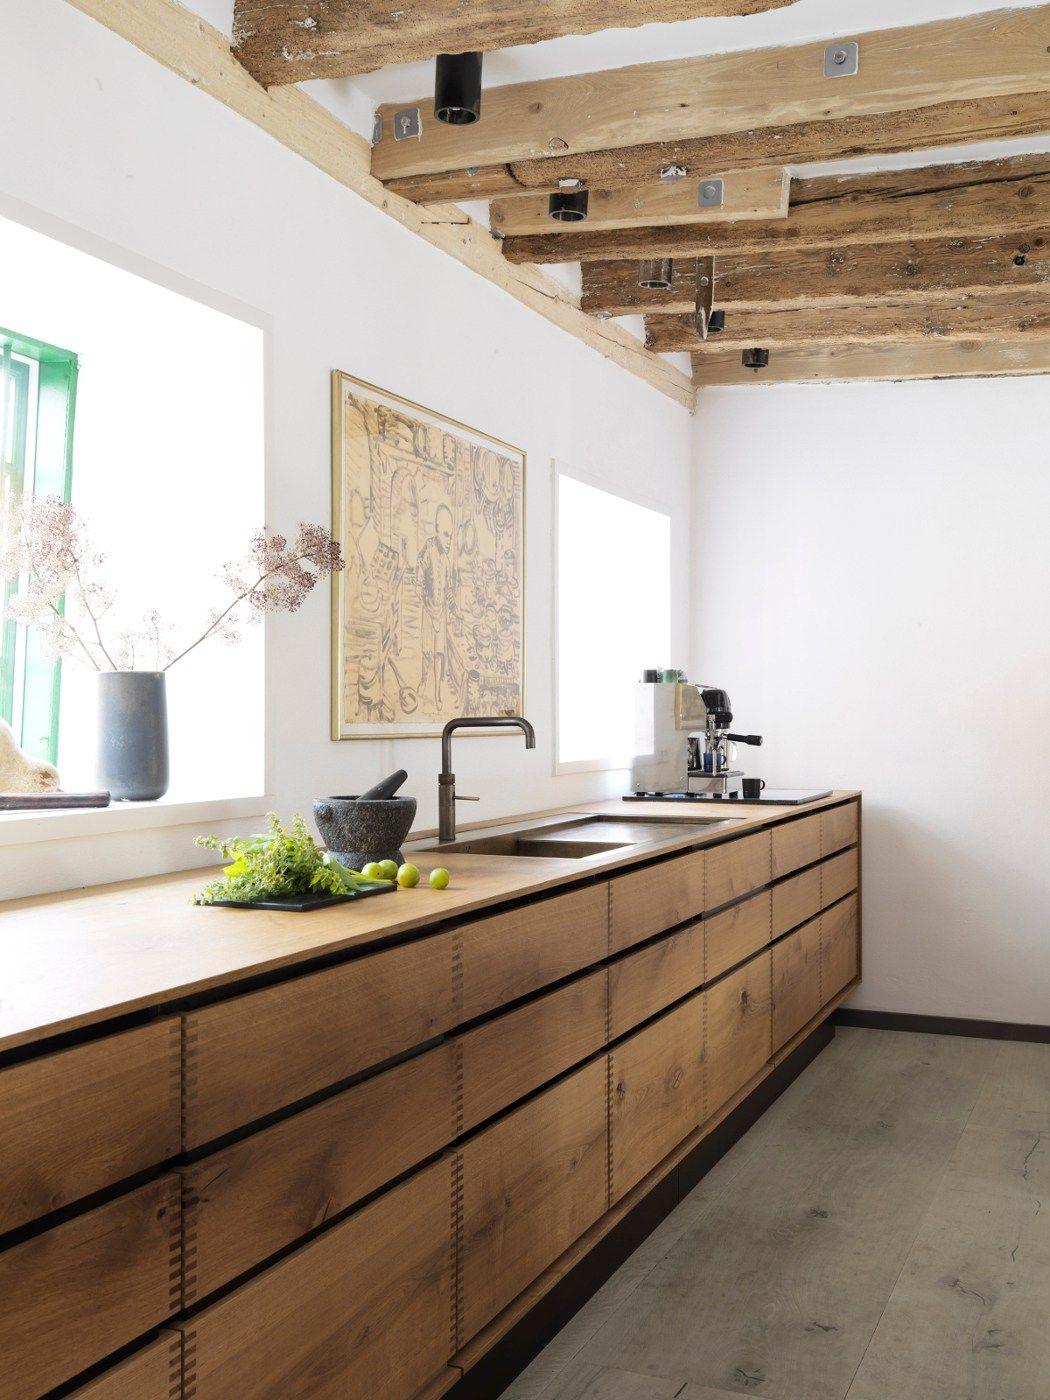 La cocina privada de René Redzepi, chef de Noma – Copenhague ...